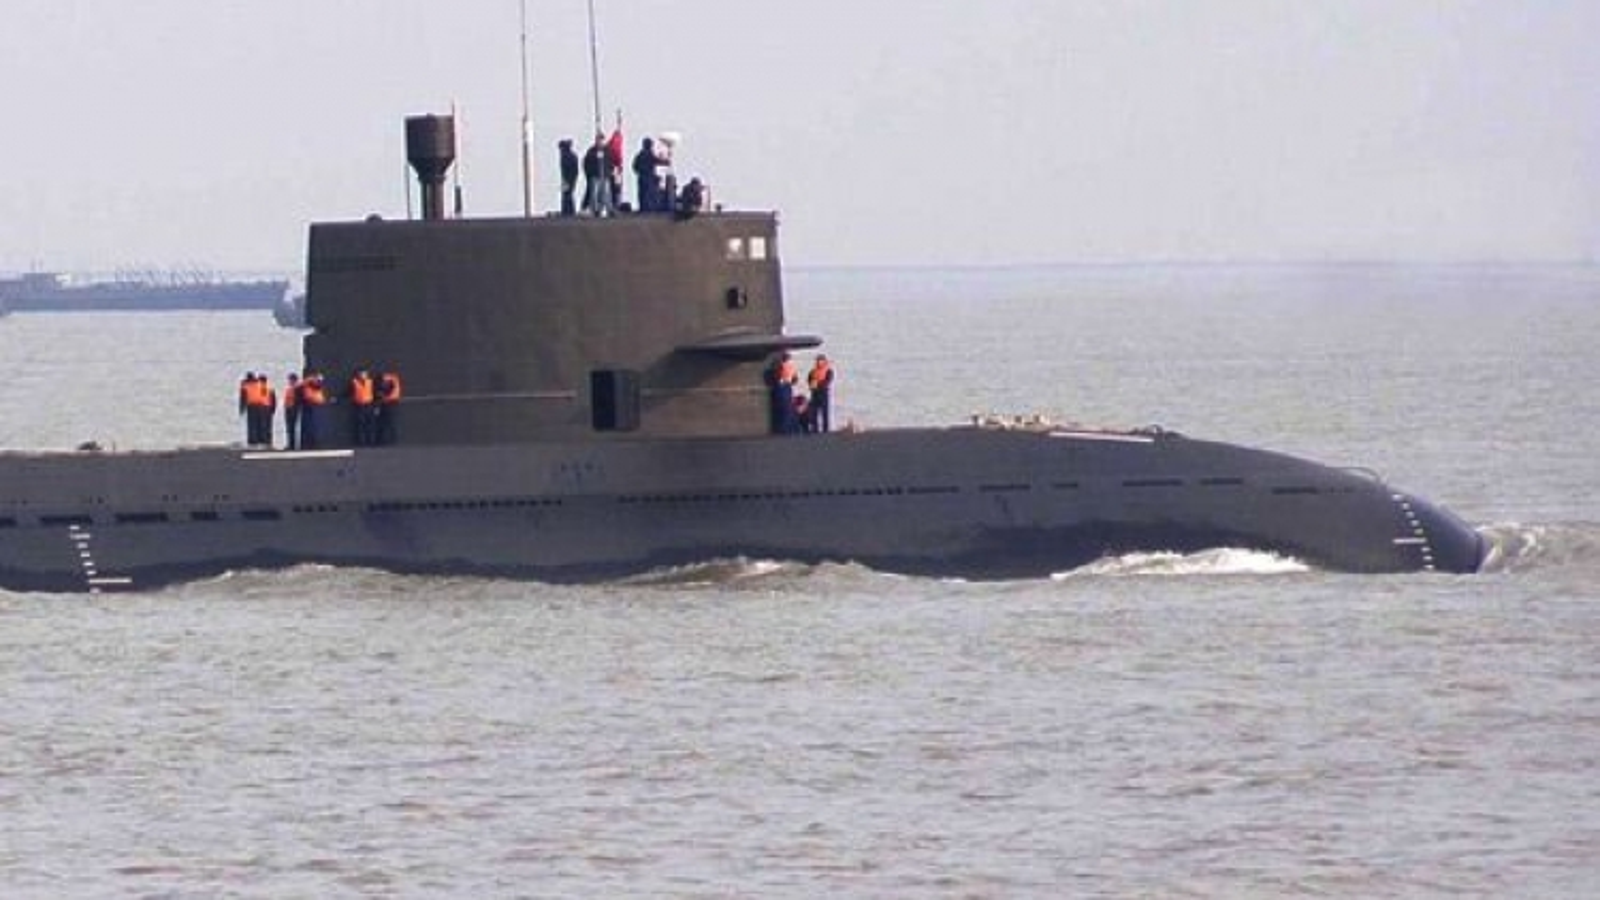 Thái Lan tạm dừng hợp đồng mua 2 tàu ngầm Trung Quốc